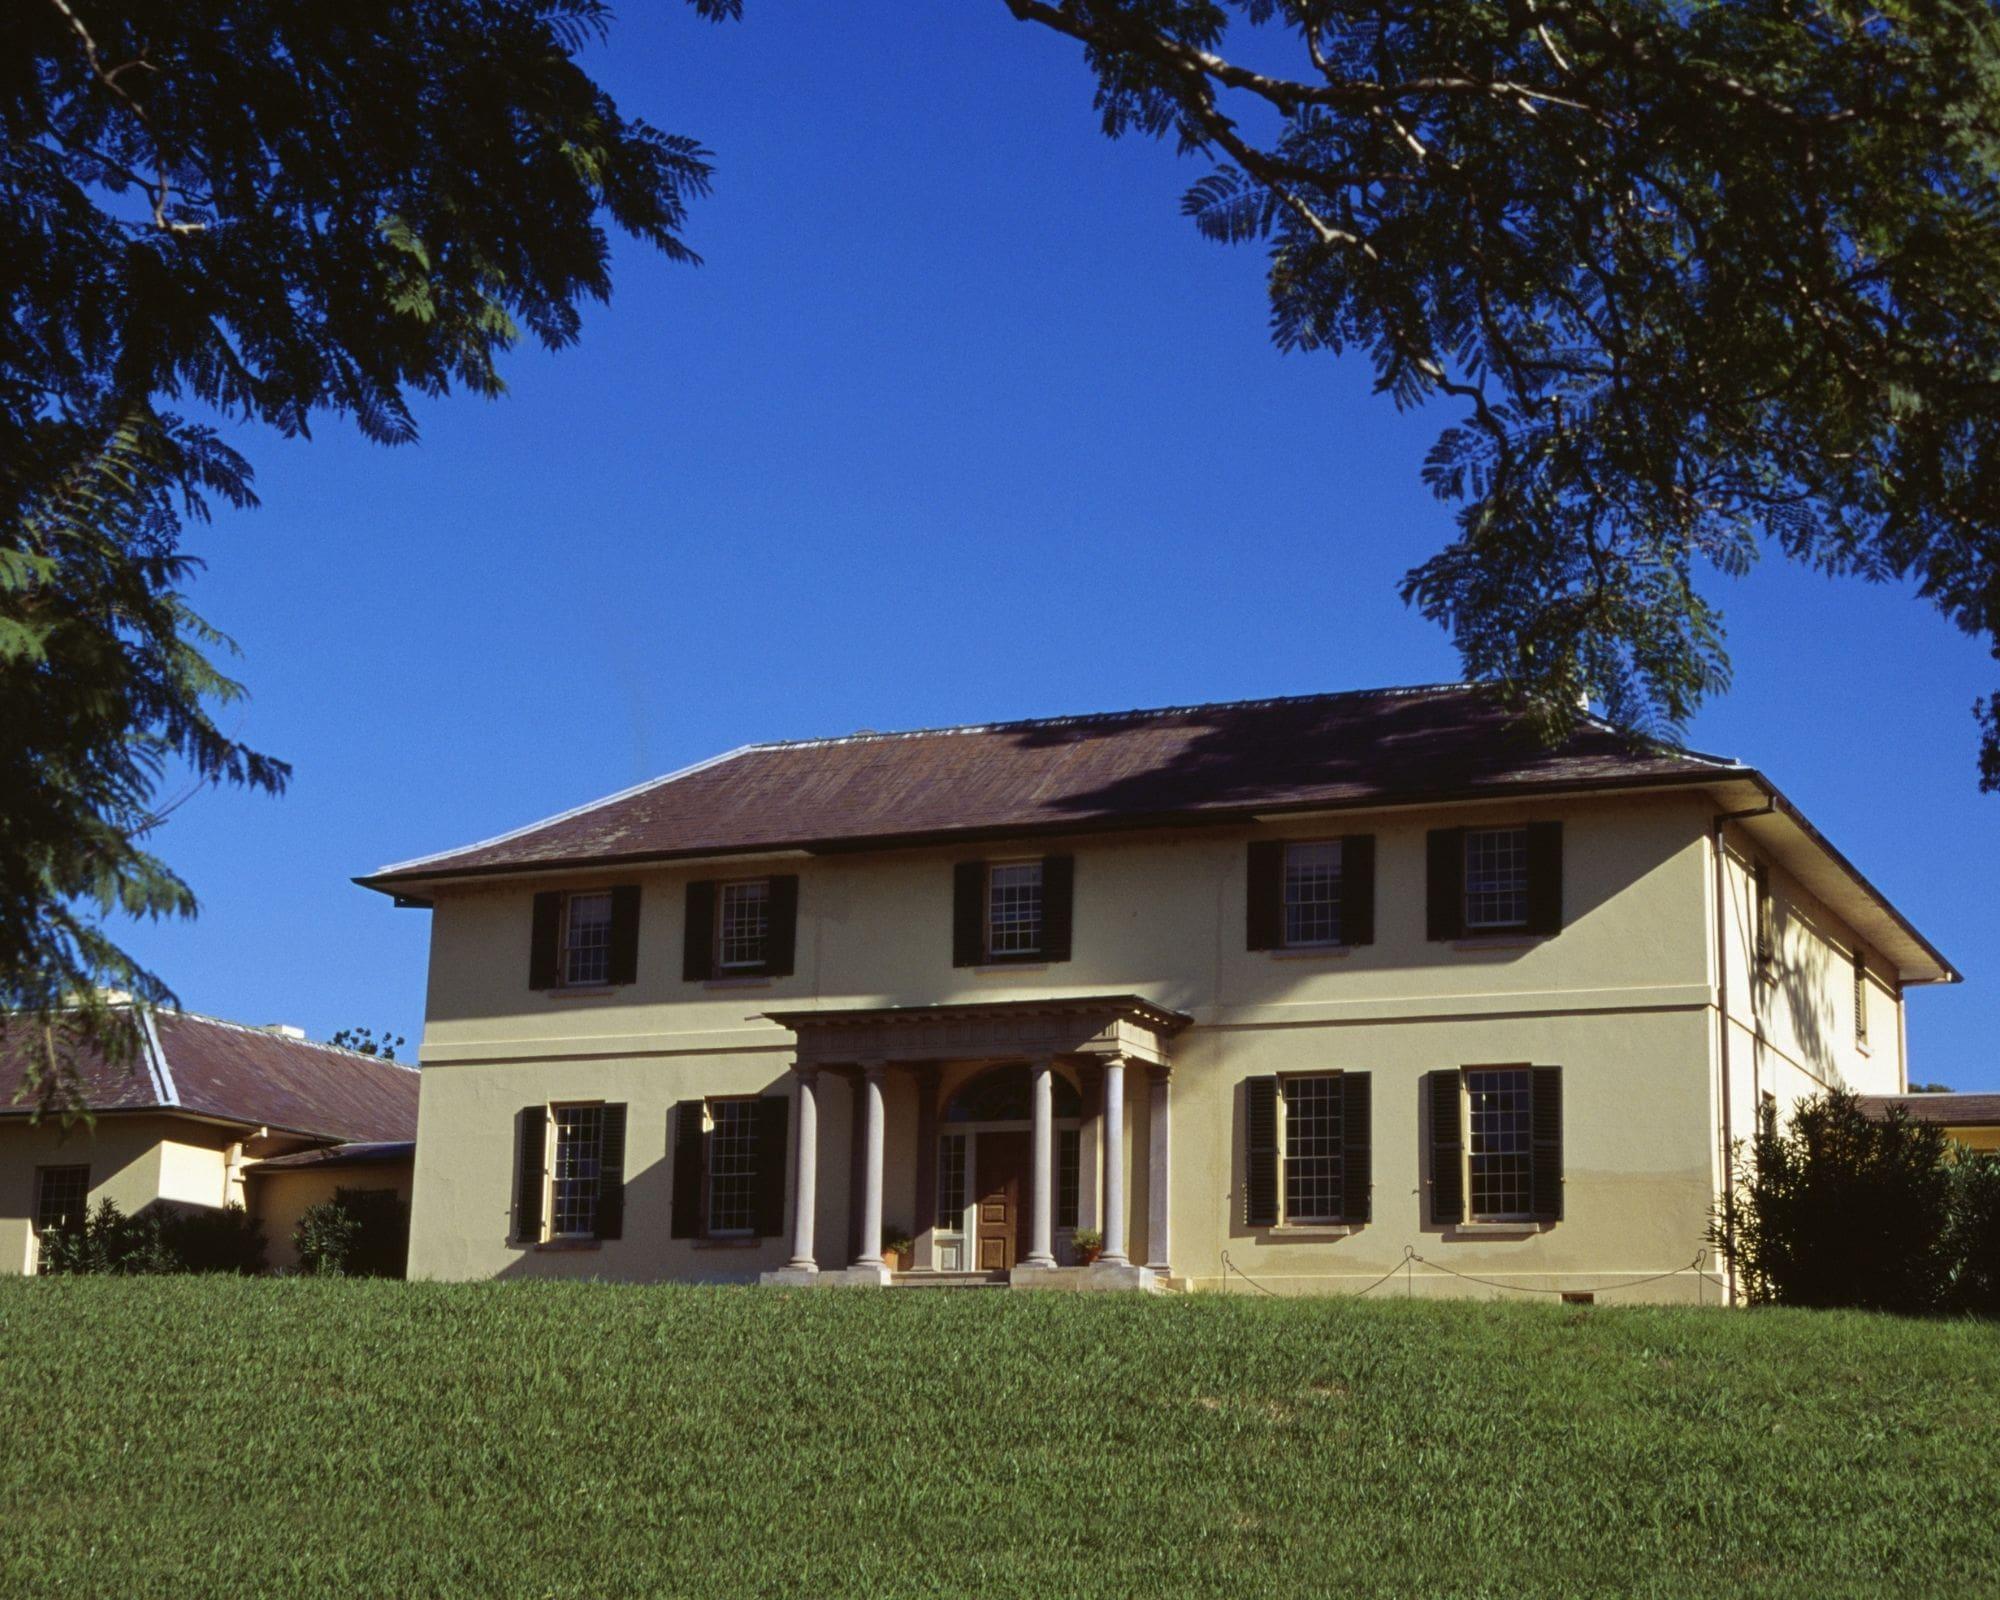 Ihr Förderprogramm zur Unterstützung beim Kauf oder Bau ihres Eigenheims.